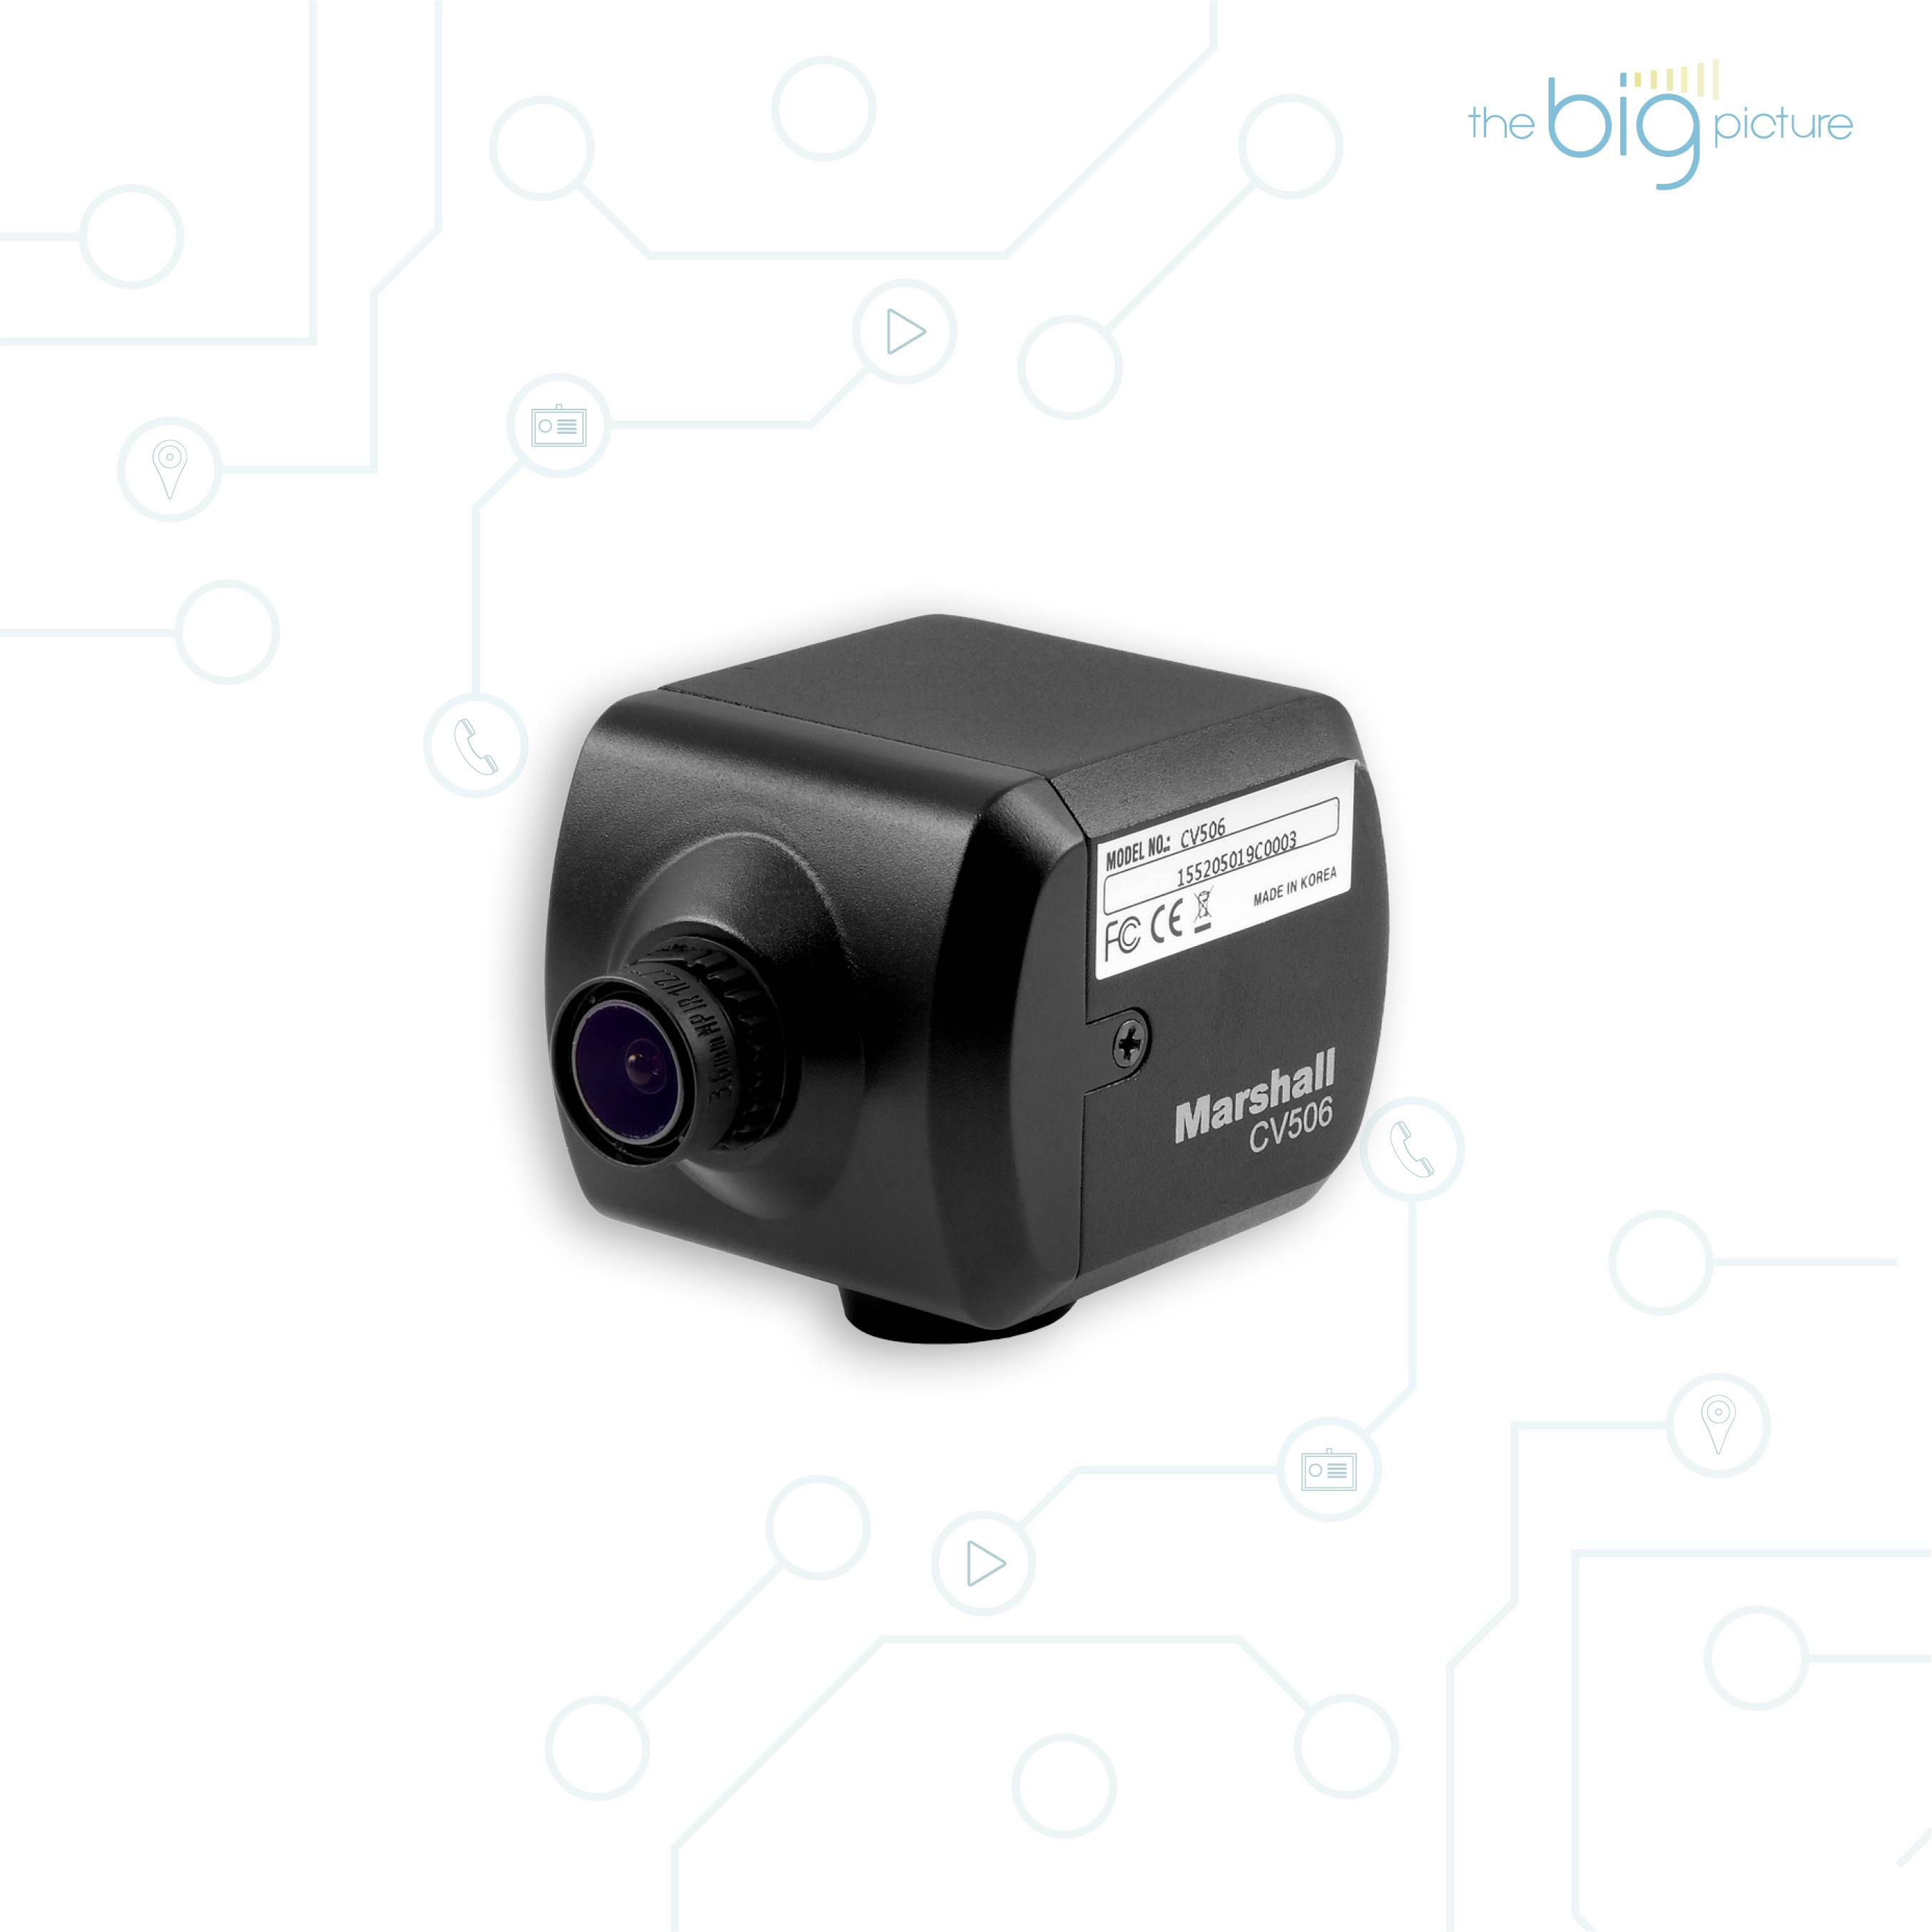 Marshall CV506 a high-speed camera